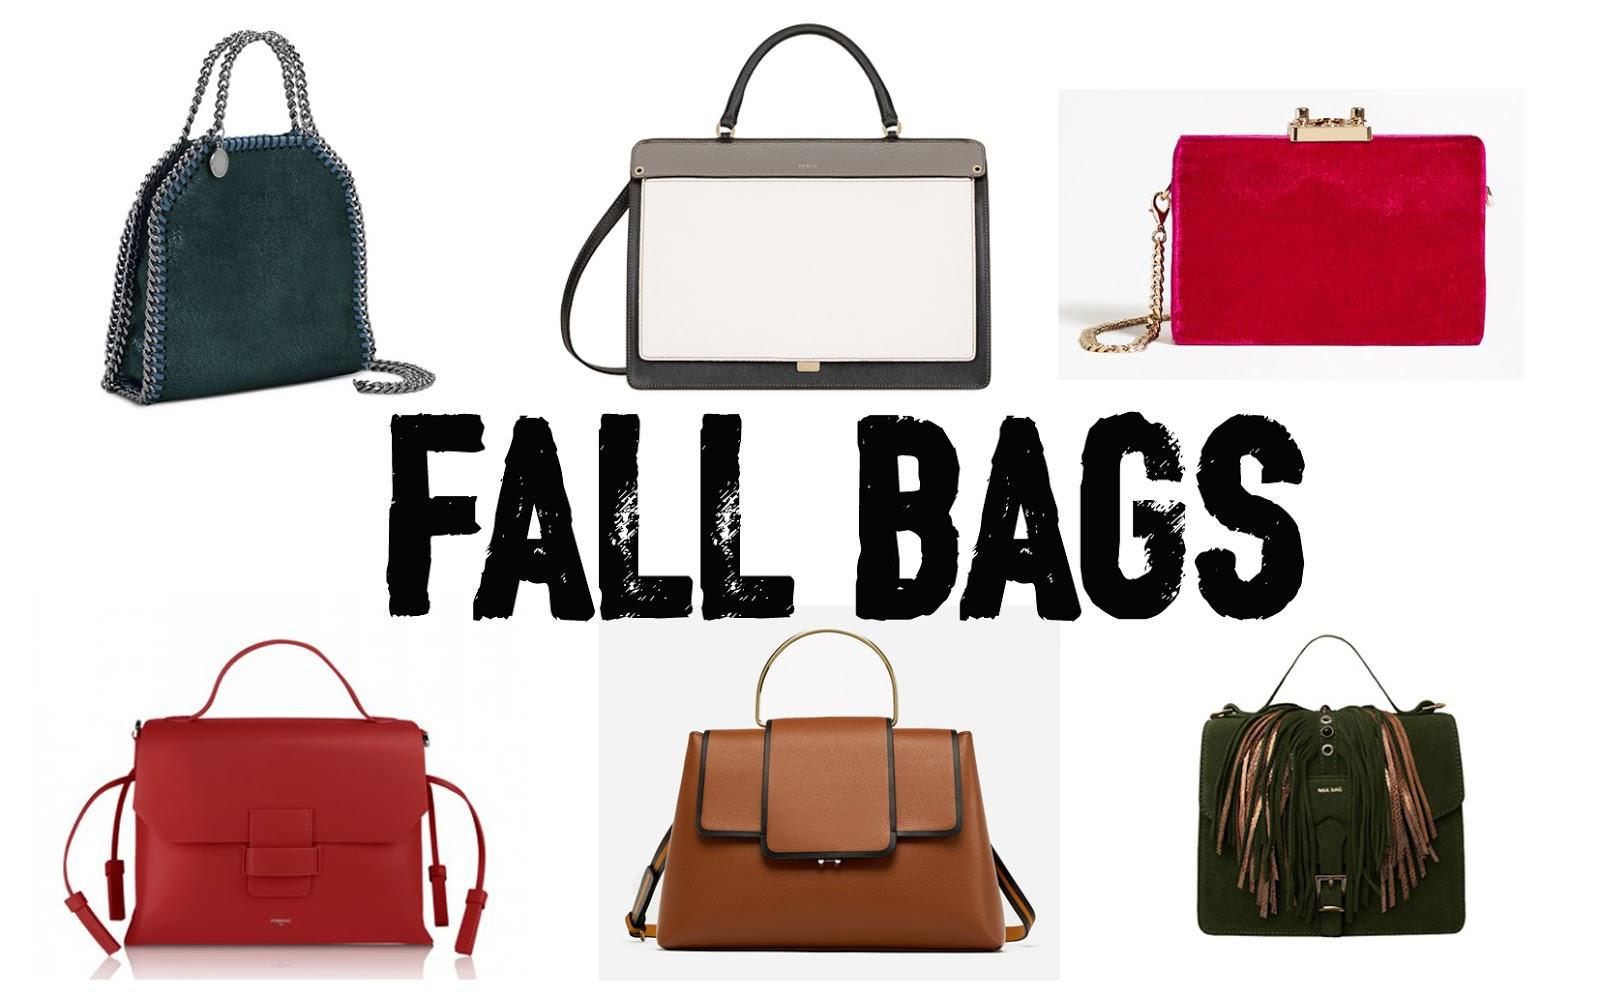 11 borse per l'autunno - Eniwhere Fashion